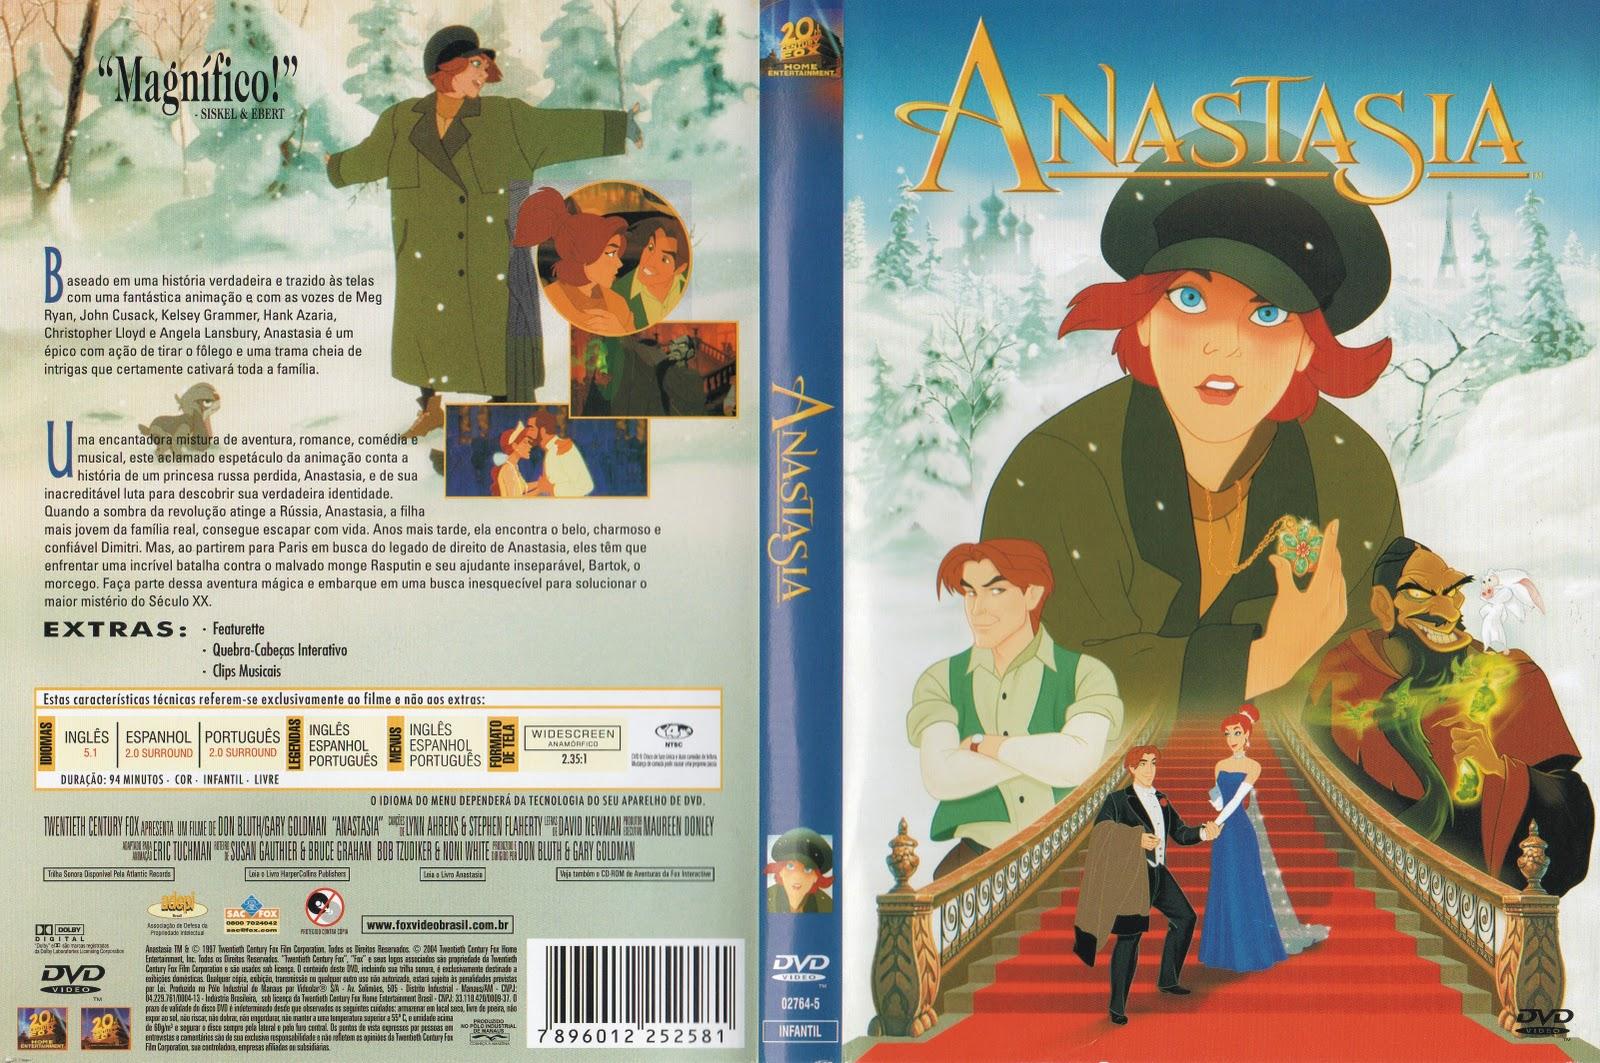 http://1.bp.blogspot.com/_SuEF8Wo6DZ4/TRwFnDaazRI/AAAAAAAAAGk/h5srpK1eRSw/s1600/anastacia+capa.jpg